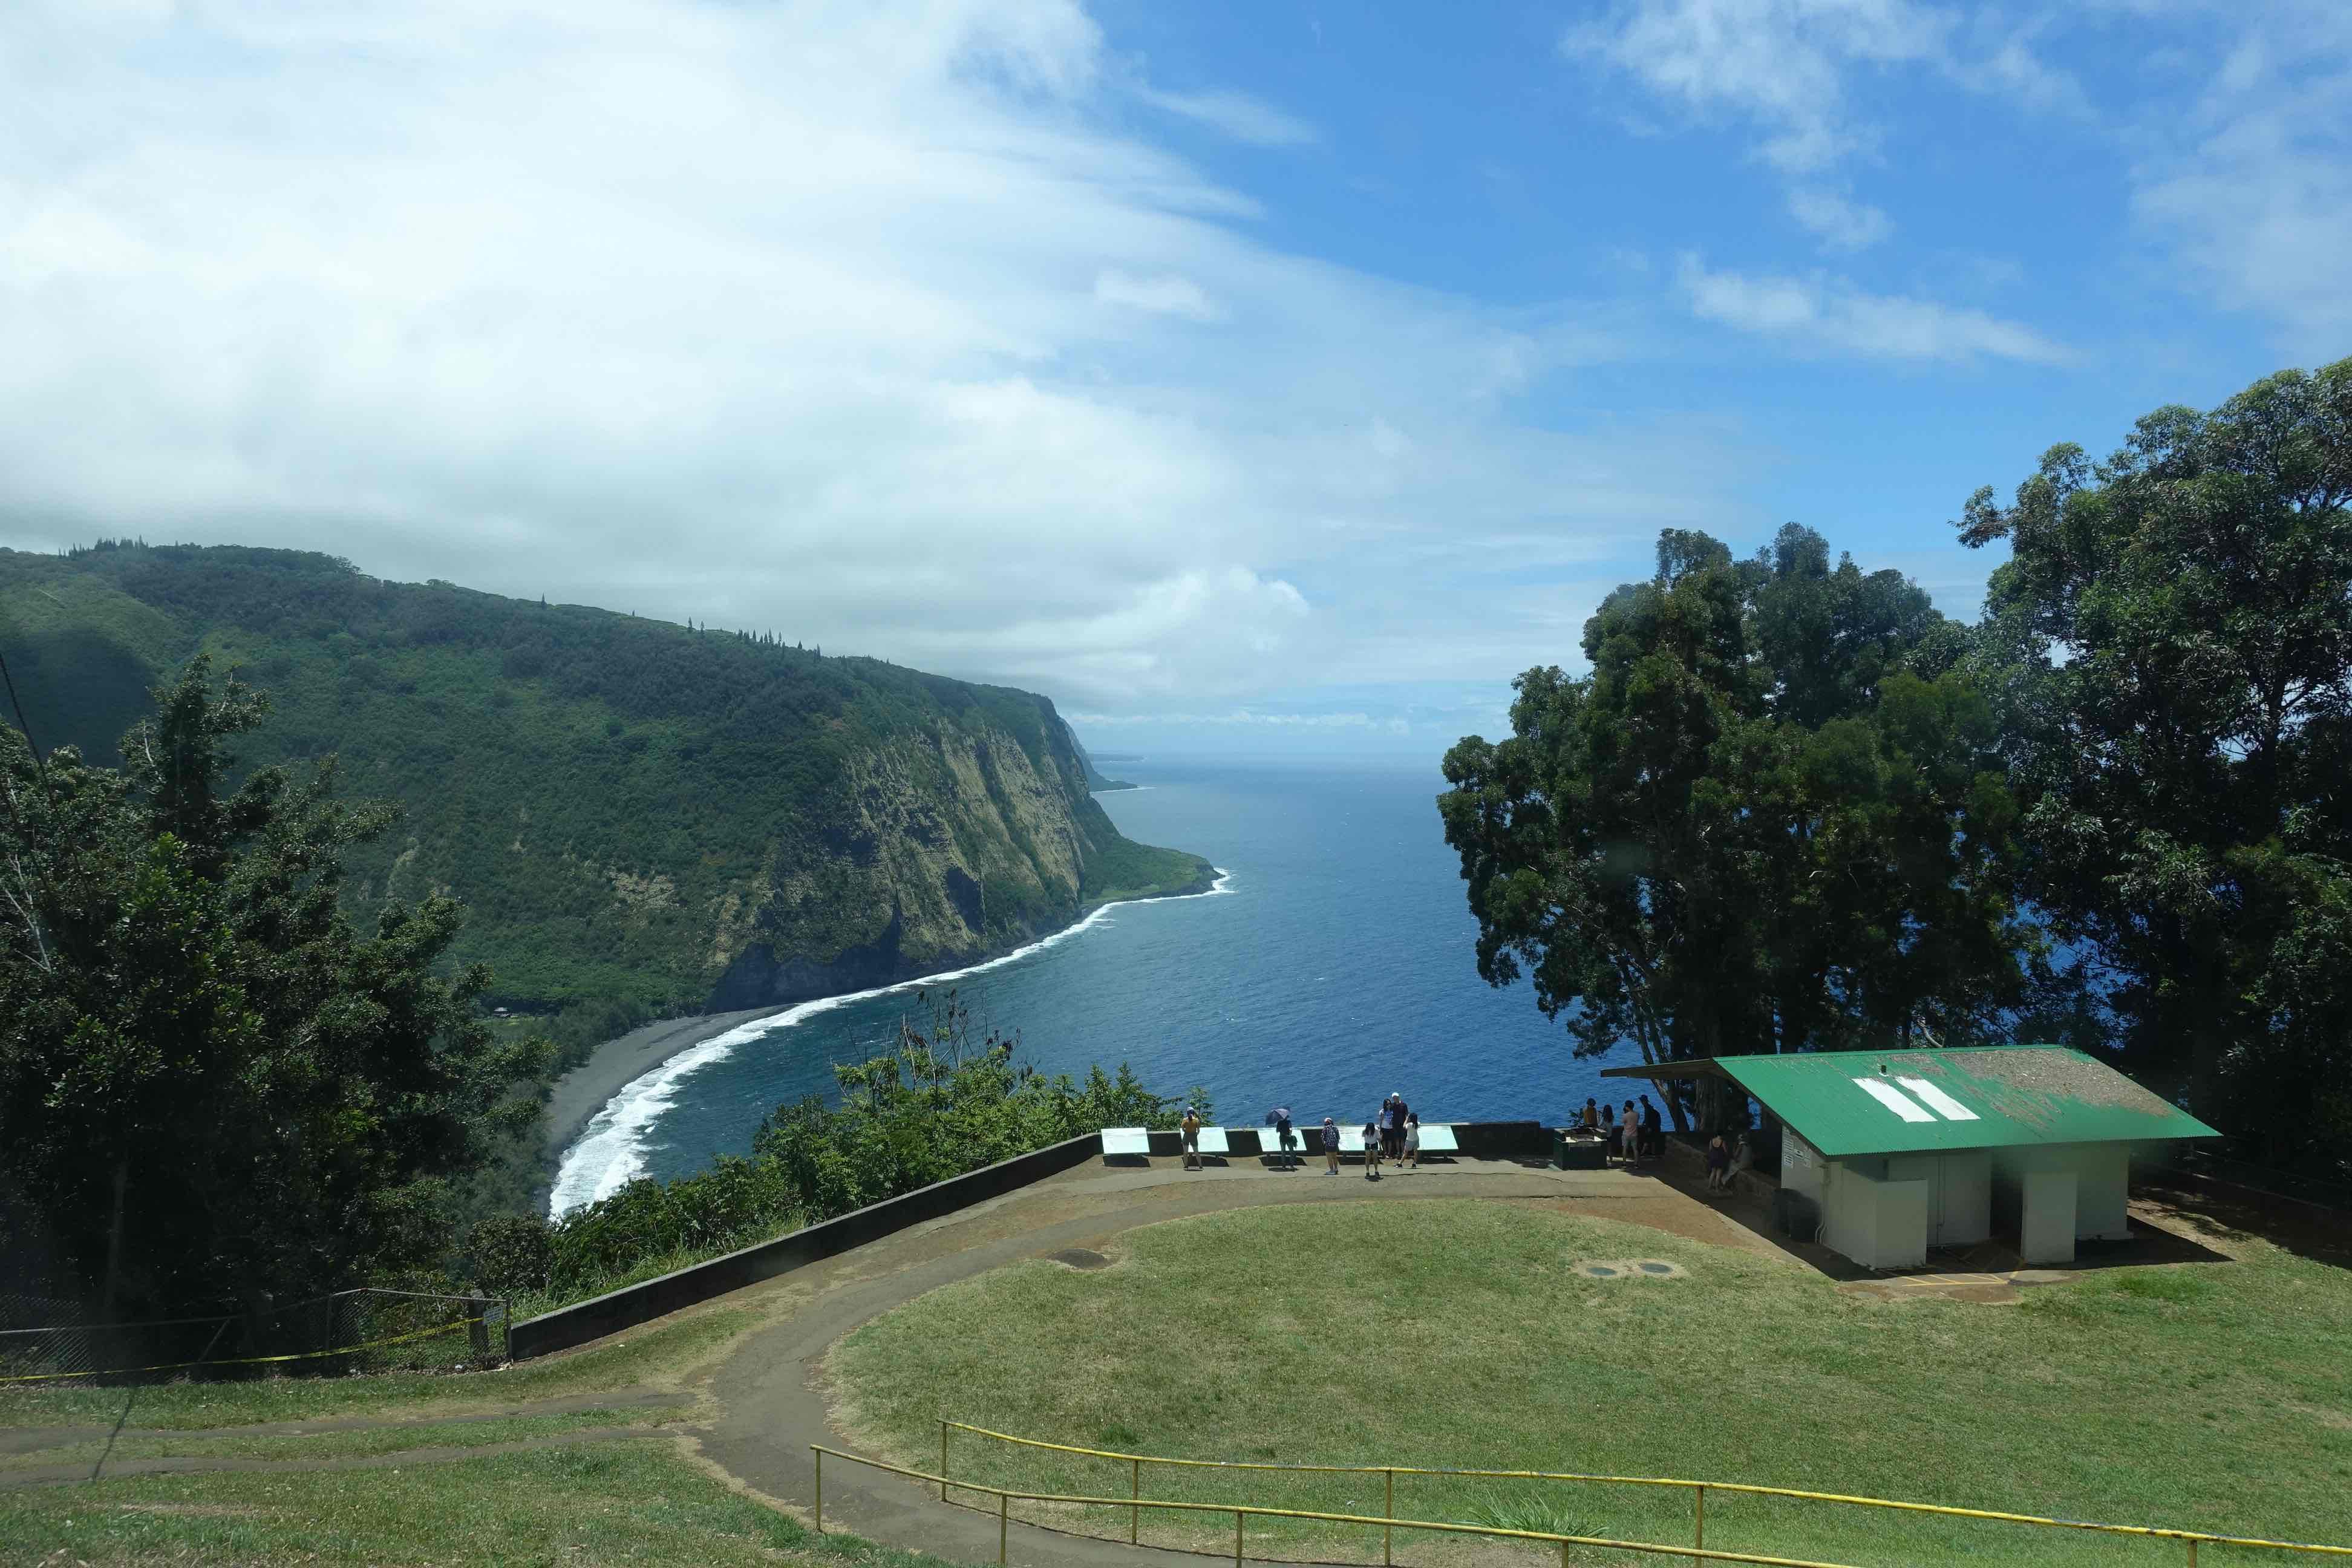 ハワイ、ワクチン接種者の隣島間の往来を自由に、ワクチン接種完了の15日後から